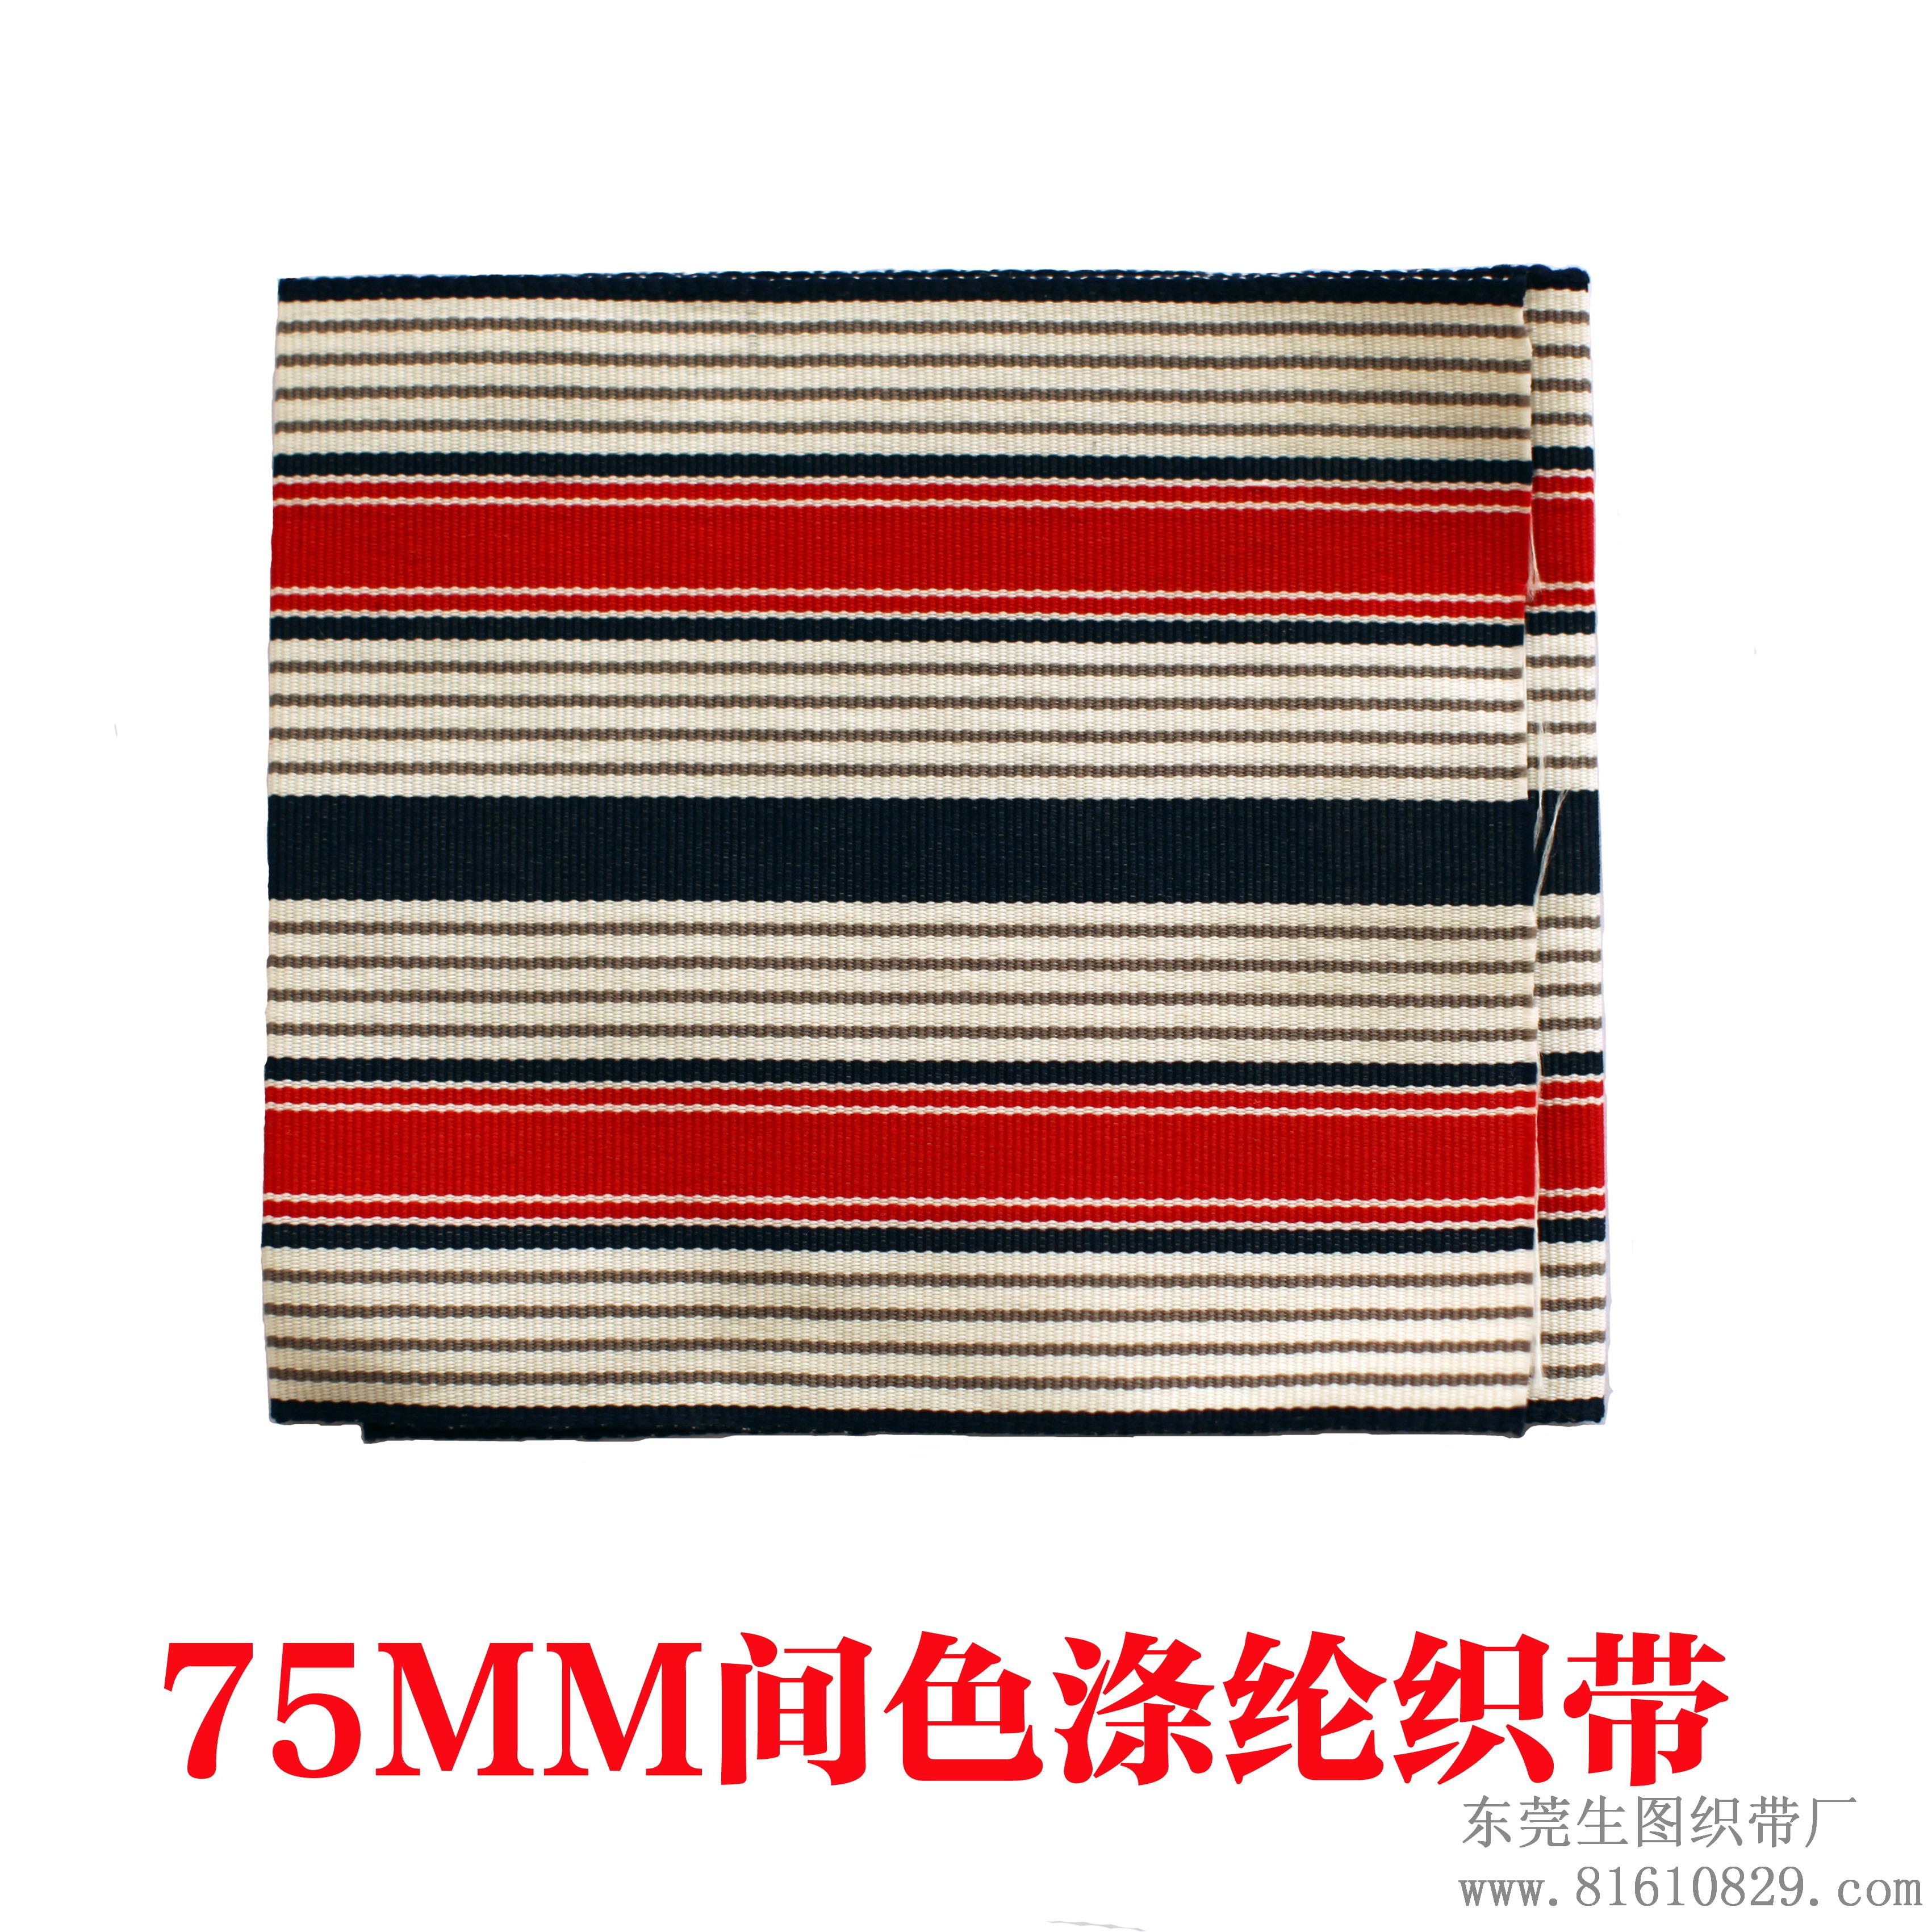 现货供应多种颜色涤纶间色织带、装饰带织带厂家